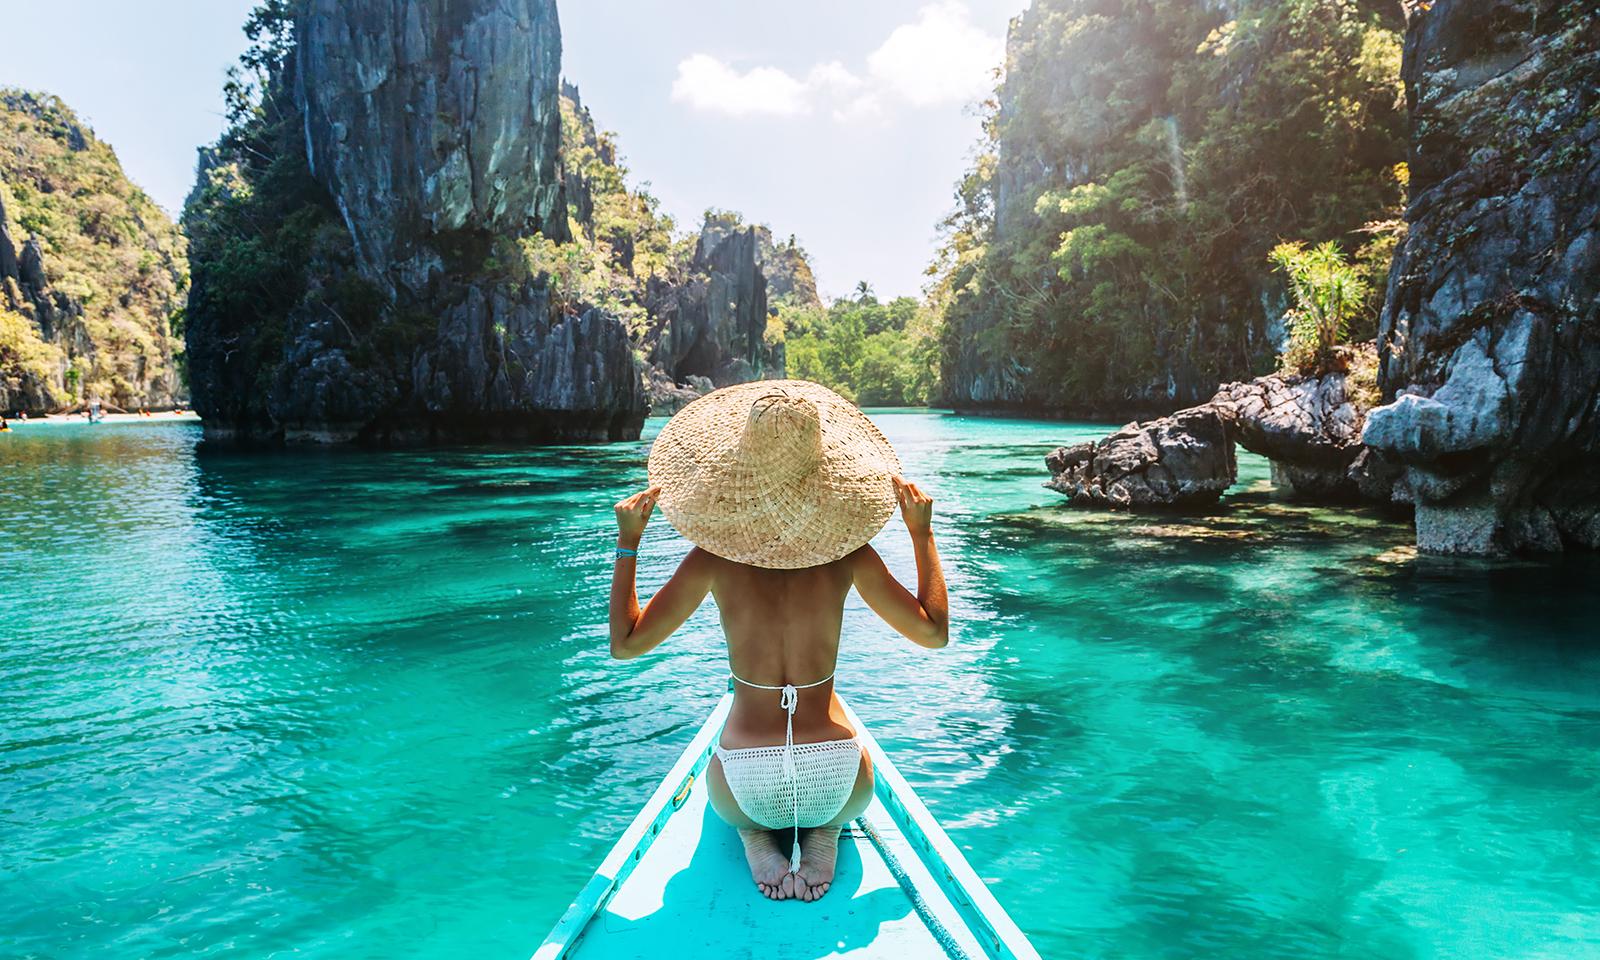 travel-girl-in-boat-in-southeast-asia-beautiful-water-bikini